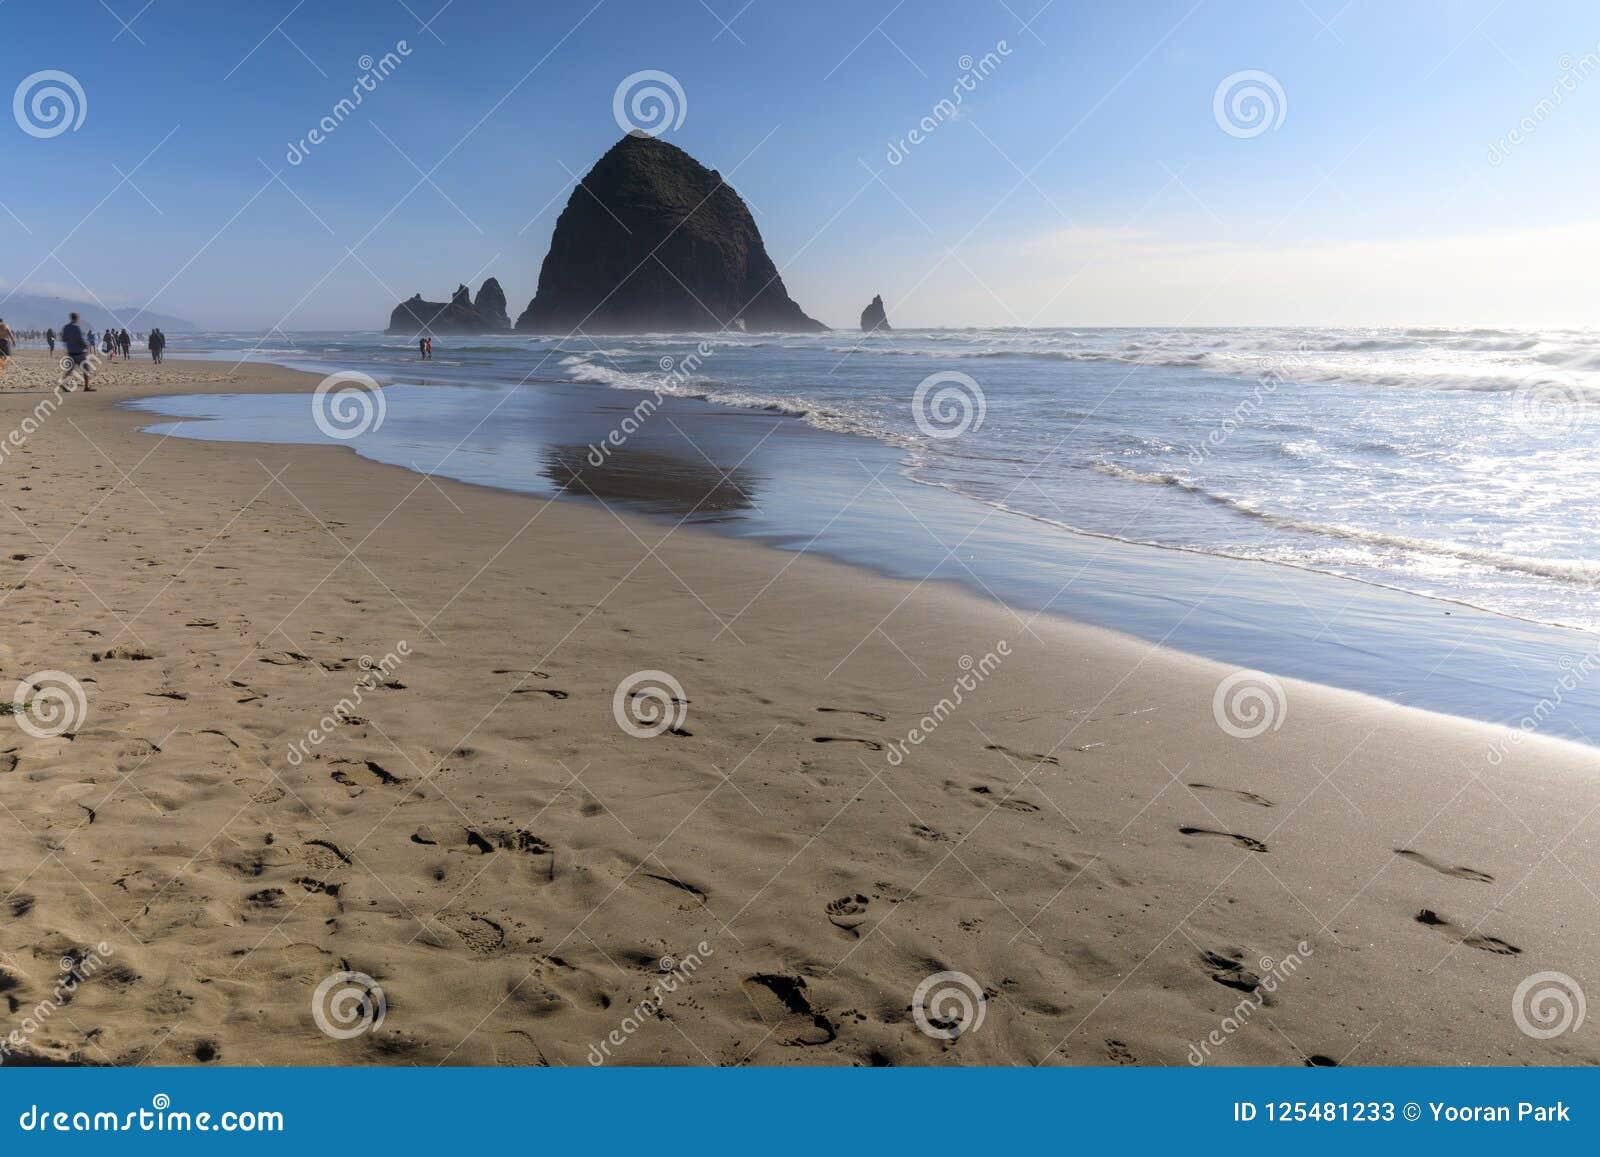 Βράχος θυμωνιών χόρτου στην παραλία πυροβόλων, τουριστικό αξιοθέατο στο Όρεγκον